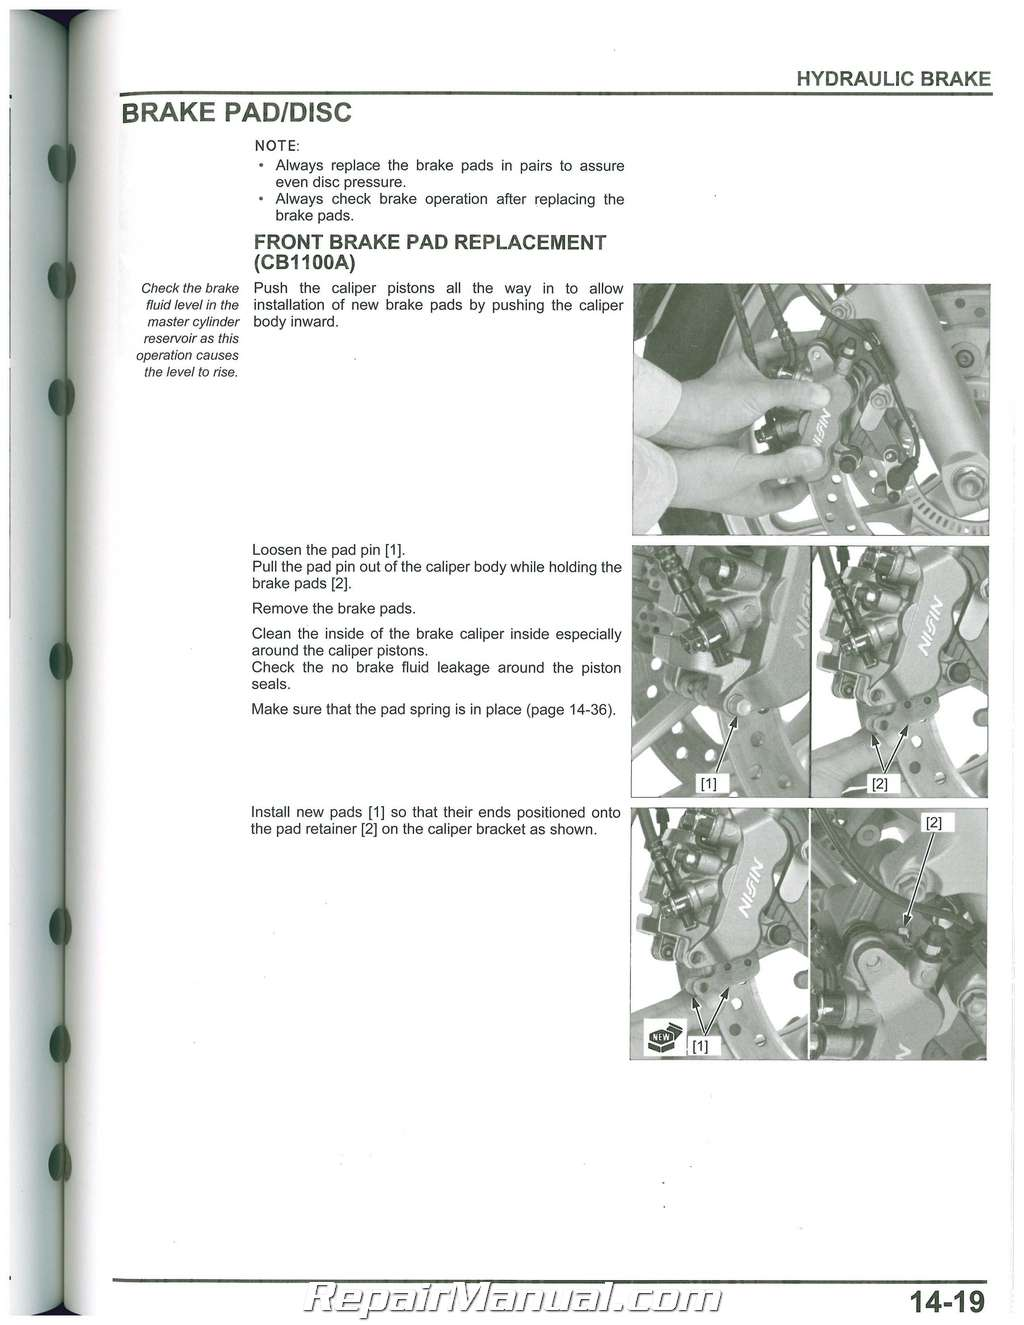 2013 honda cb1100 a service manual rh repairmanual com 2013 Honda CB 1100 F Honda CB1100 Aftermarket